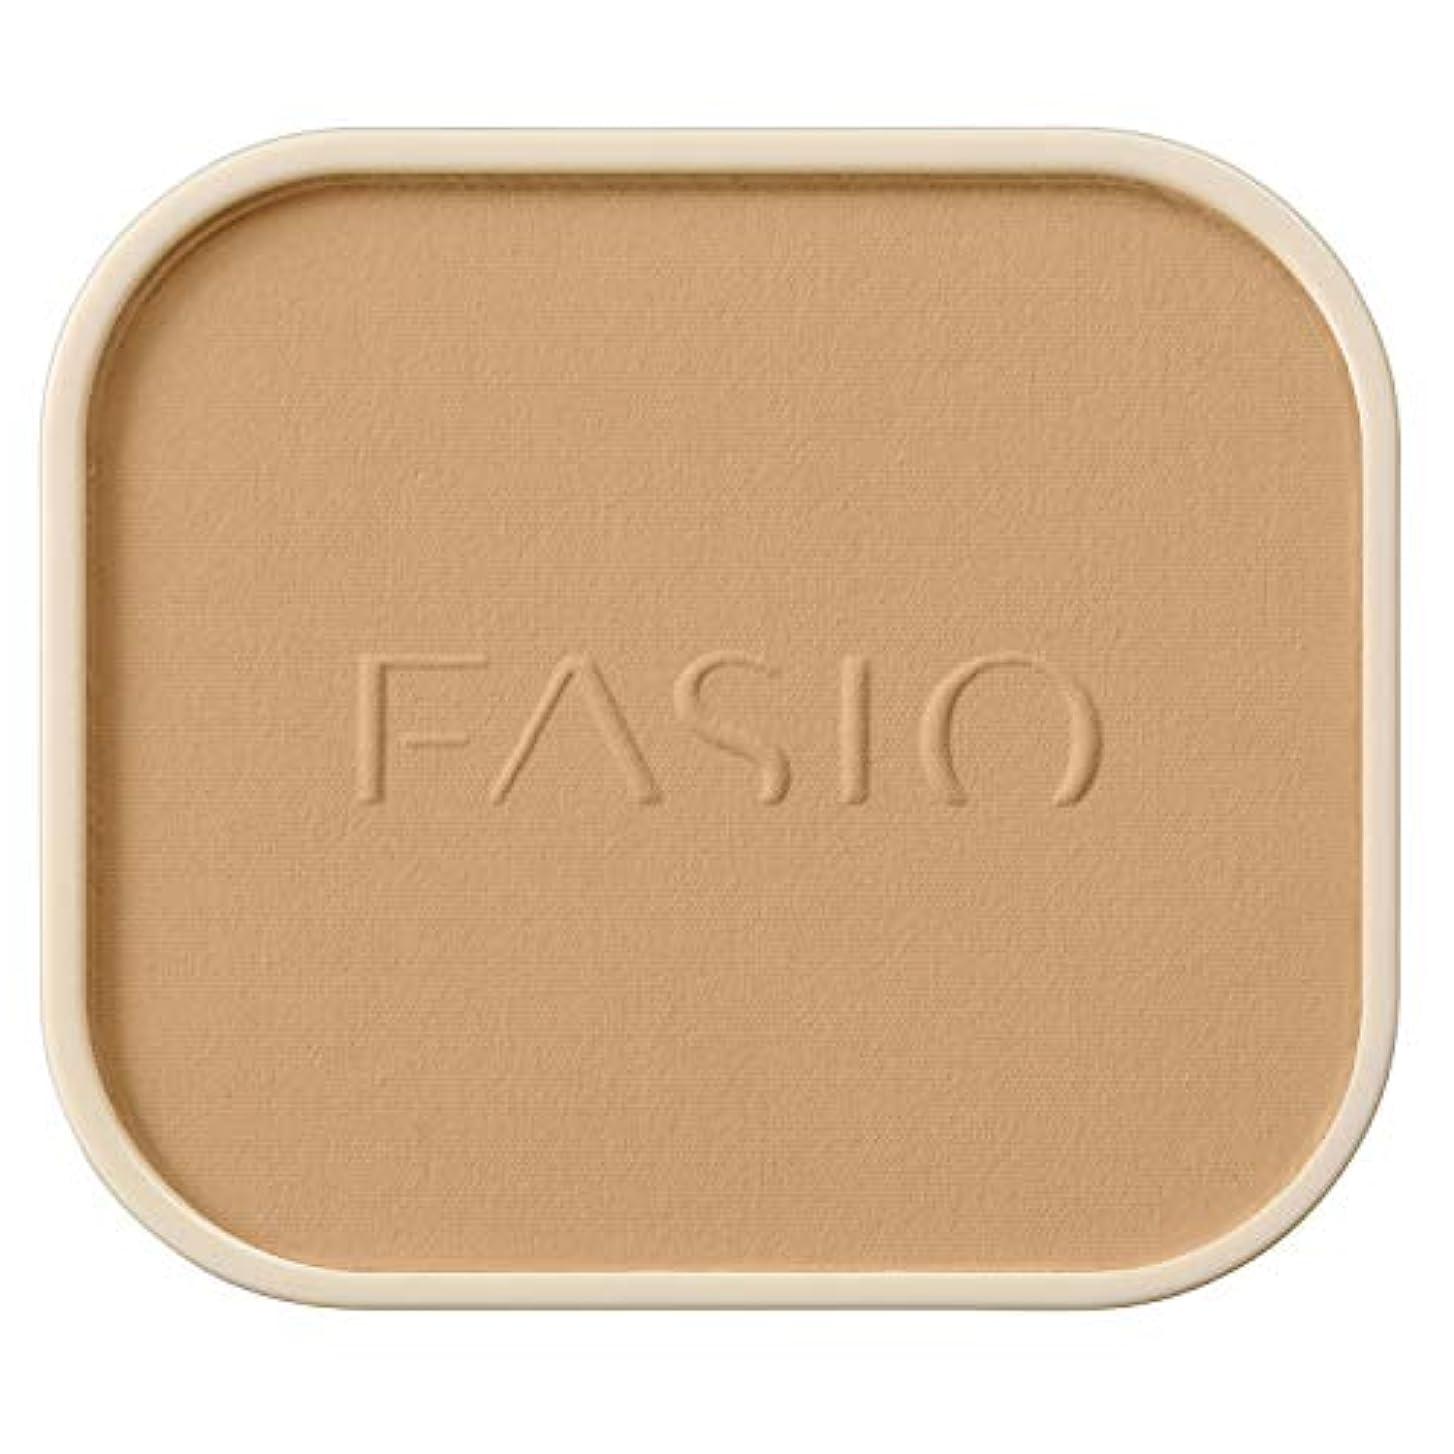 金属ストレスの多い分析的なファシオ ラスティング ファンデーション WP オークル 410 10g